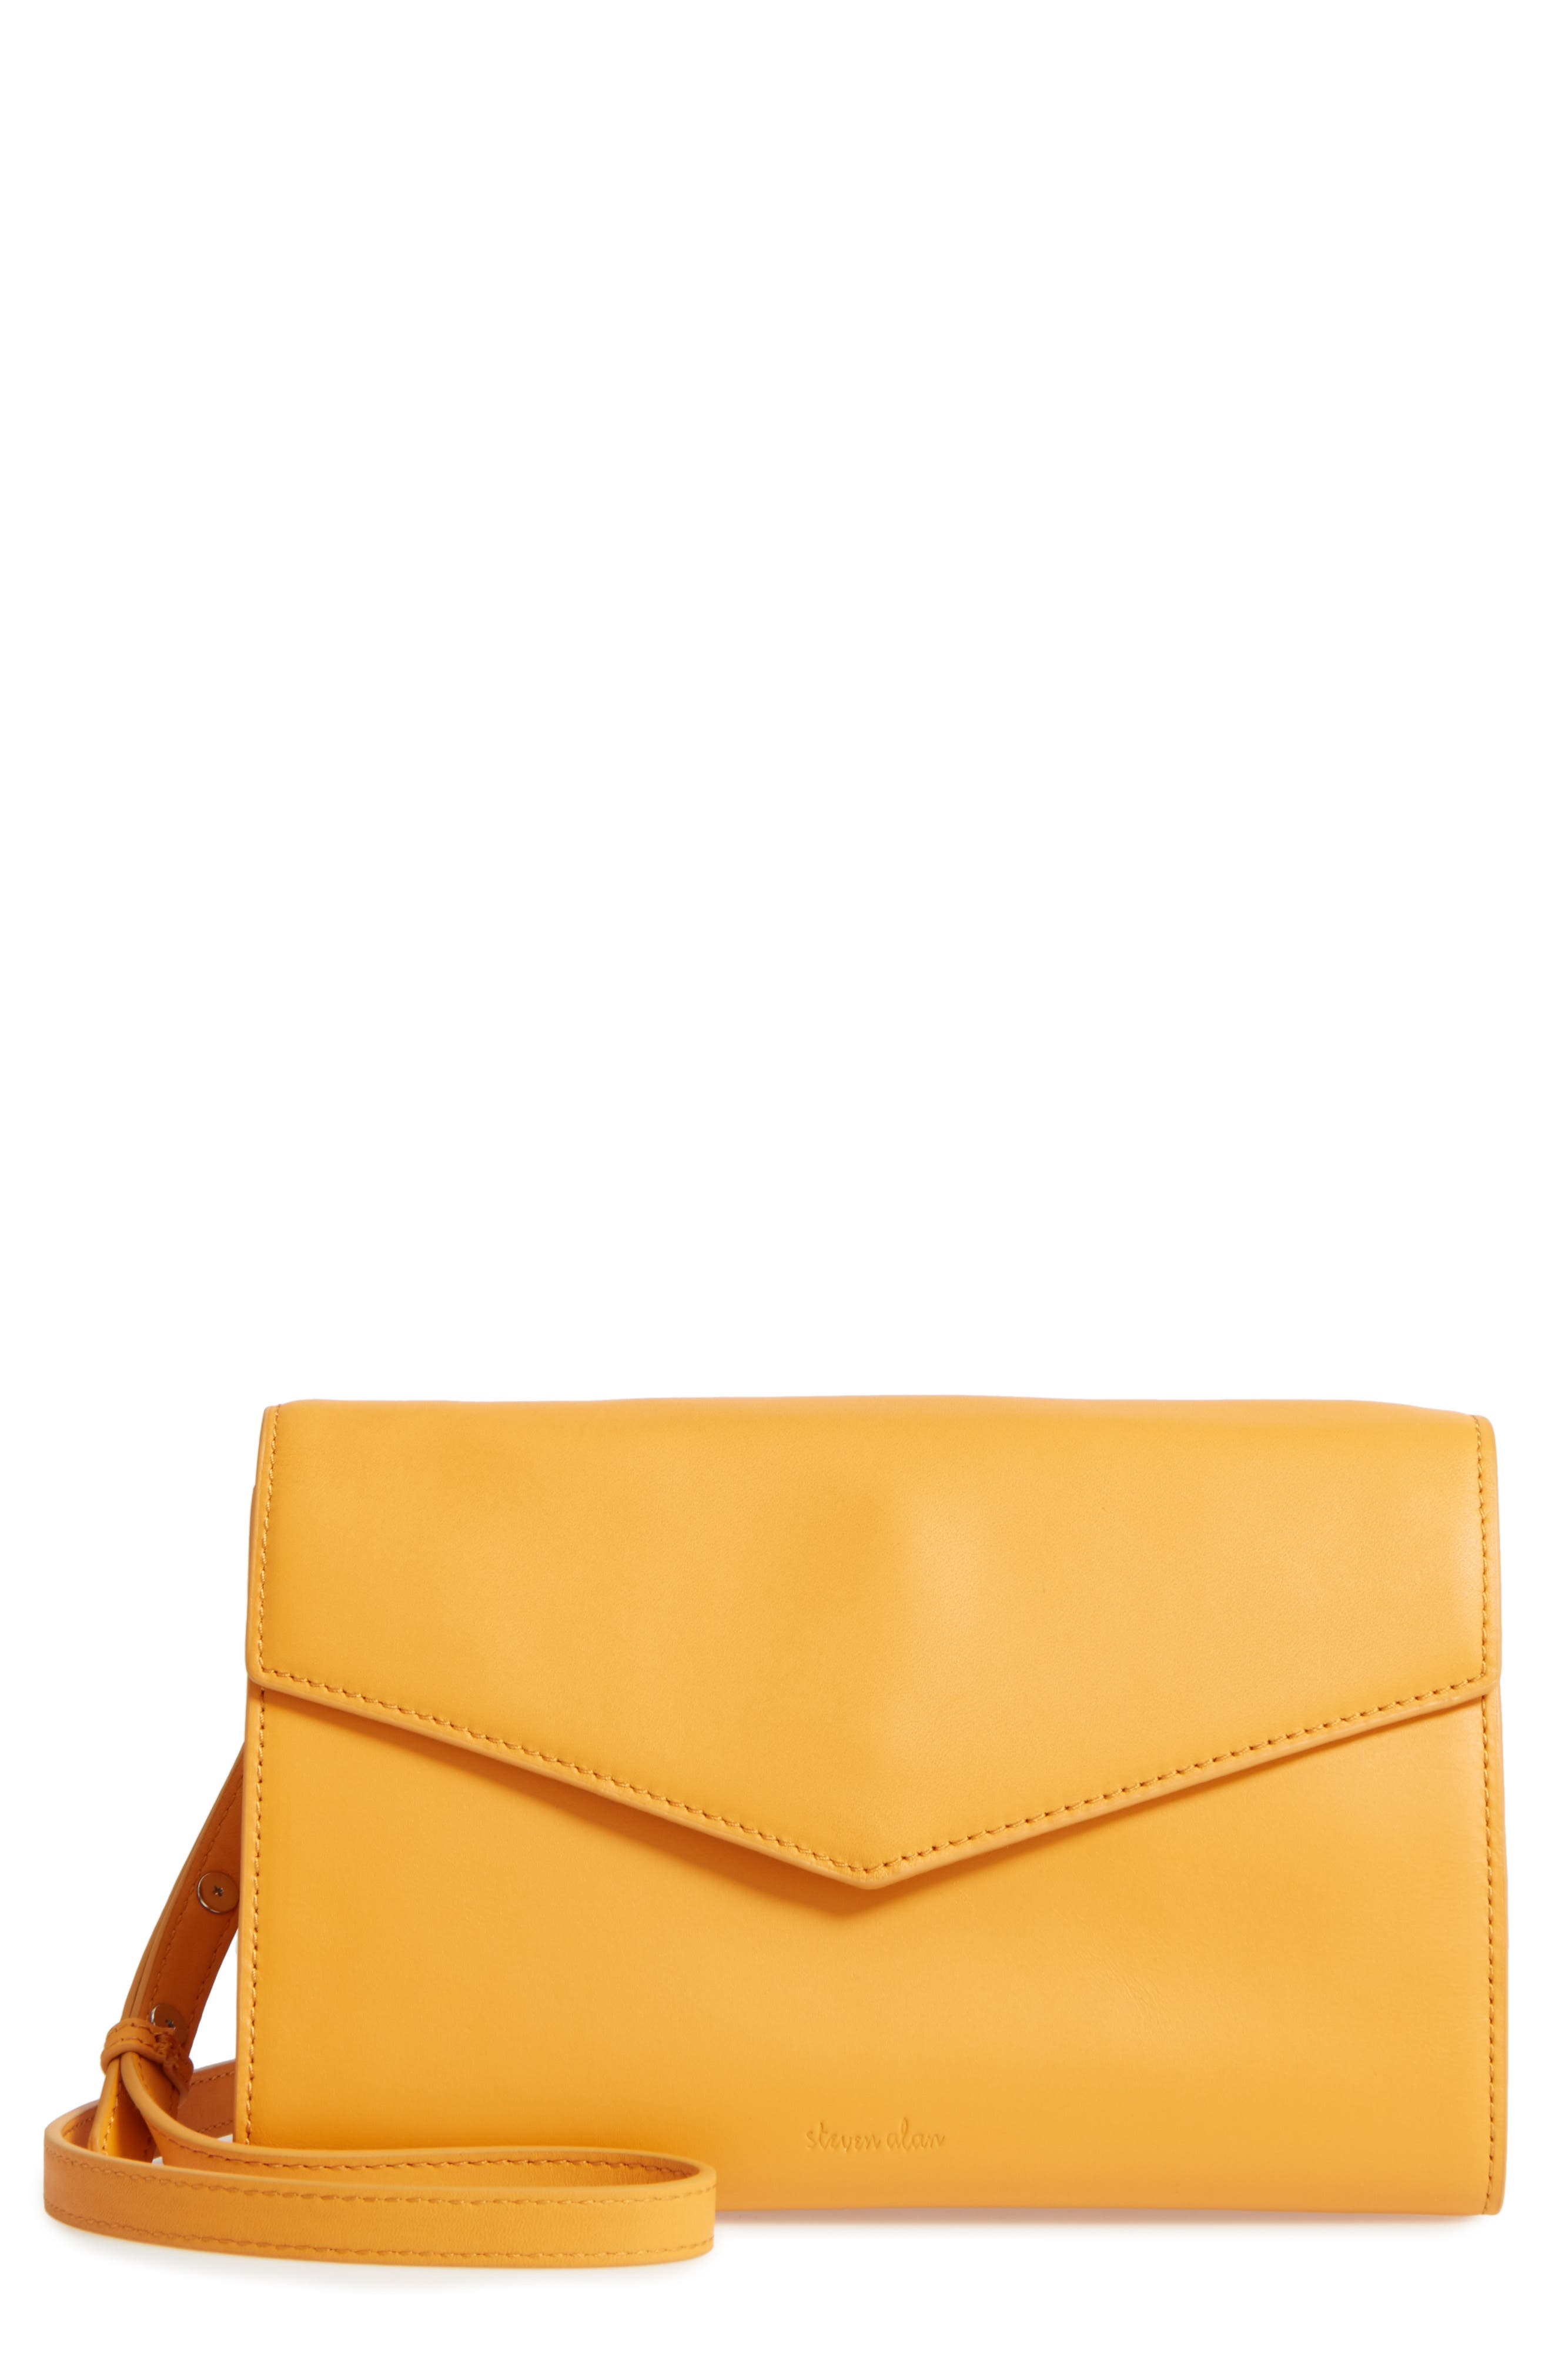 Main Image - Steven Alan Easton Leather Envelope Crossbody Bag